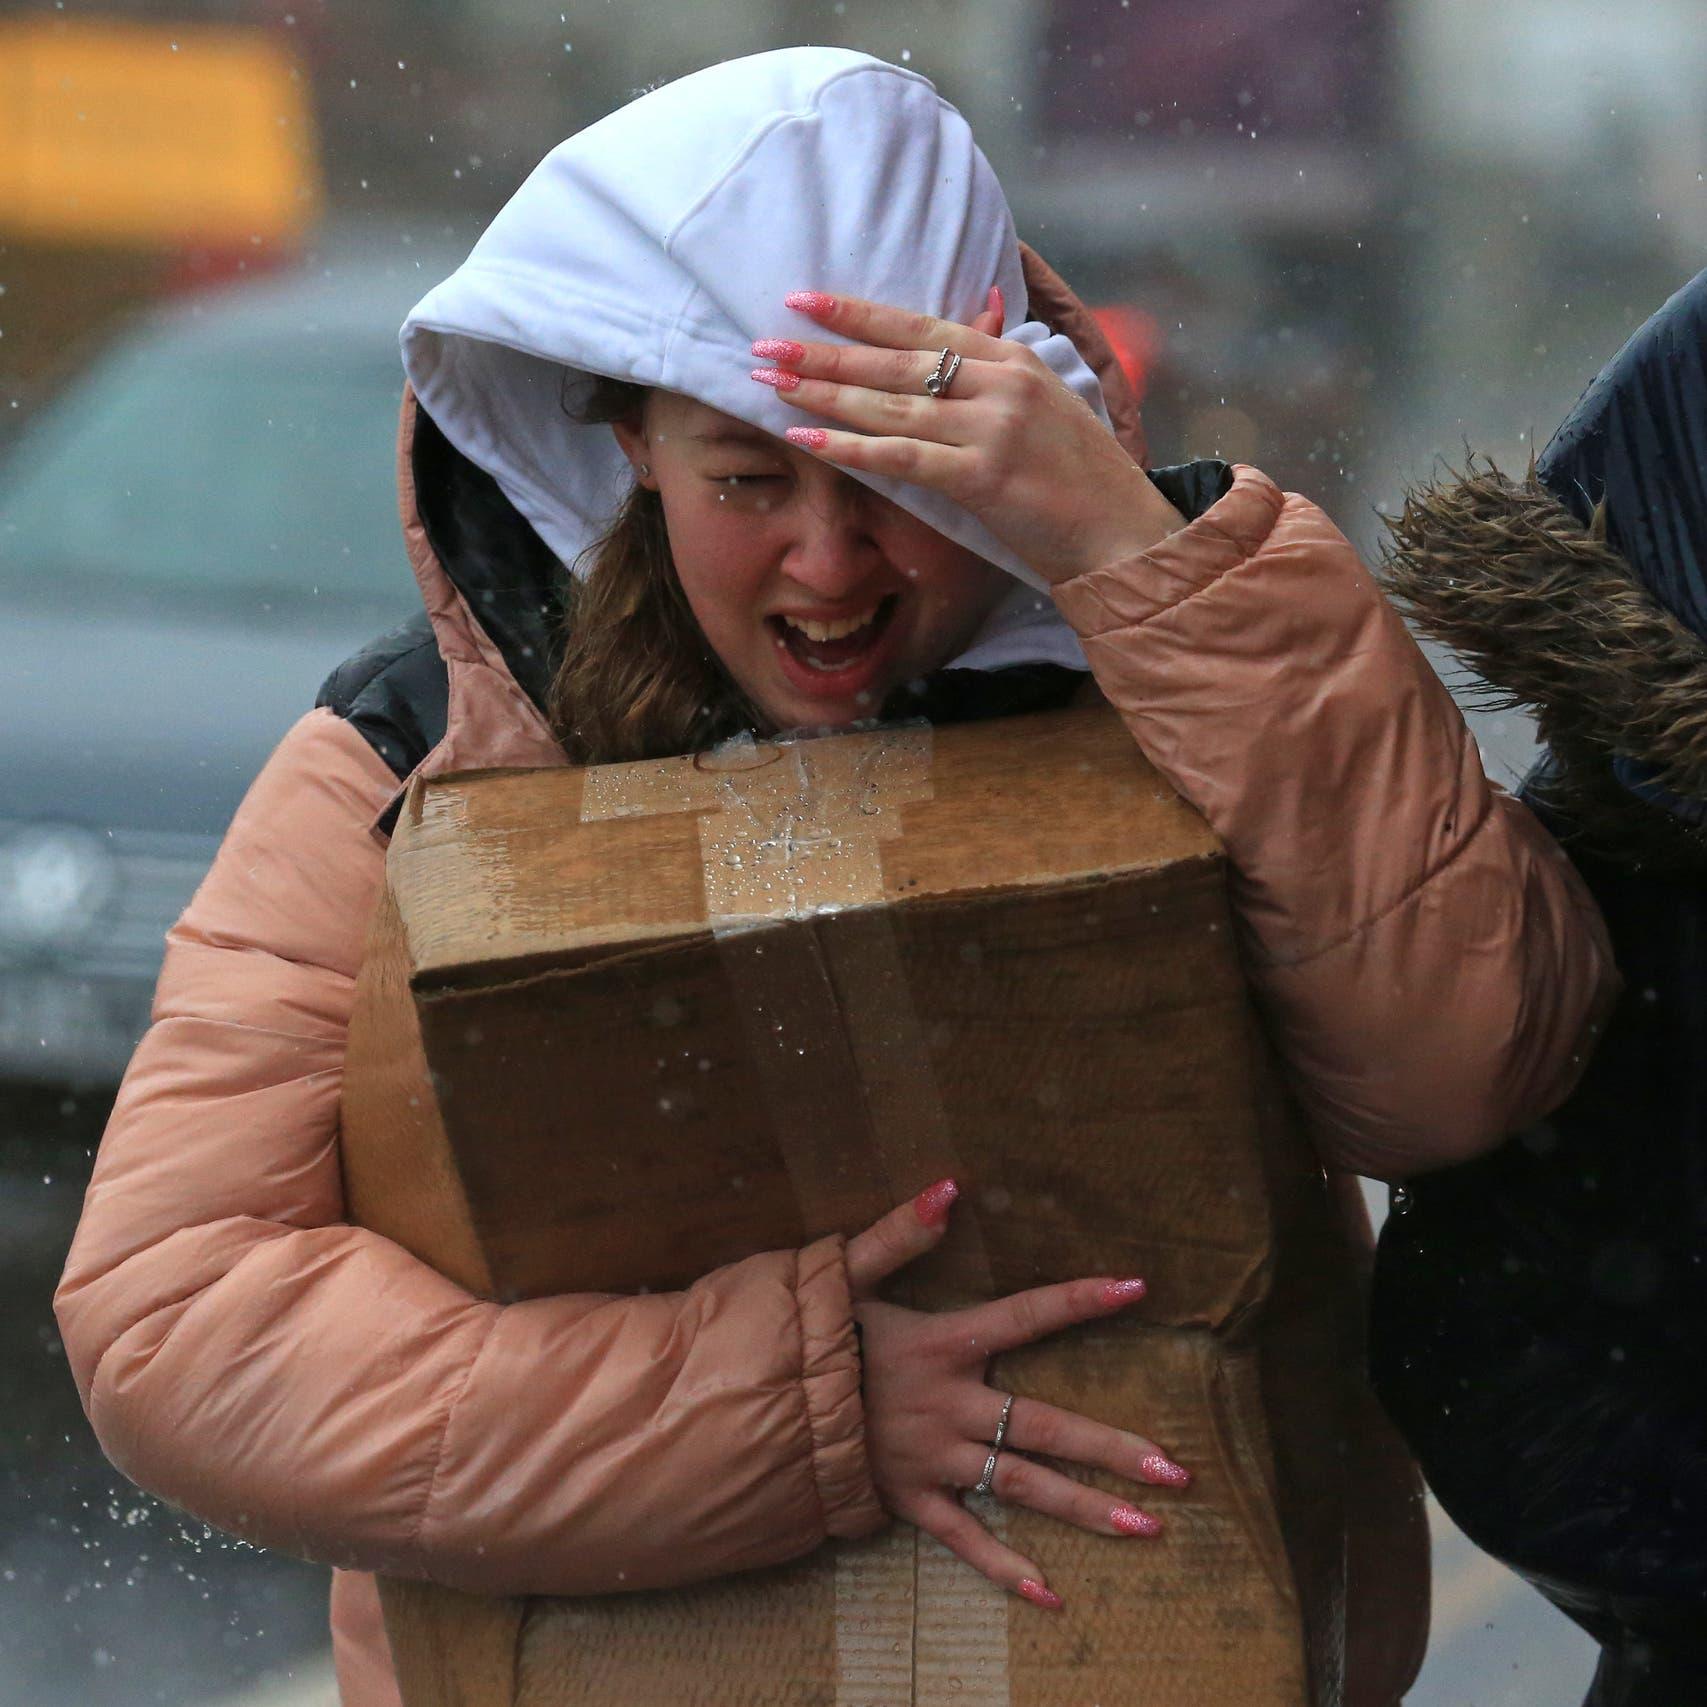 عاصفة قطبية تضرب منطقة الشرق الأوسط